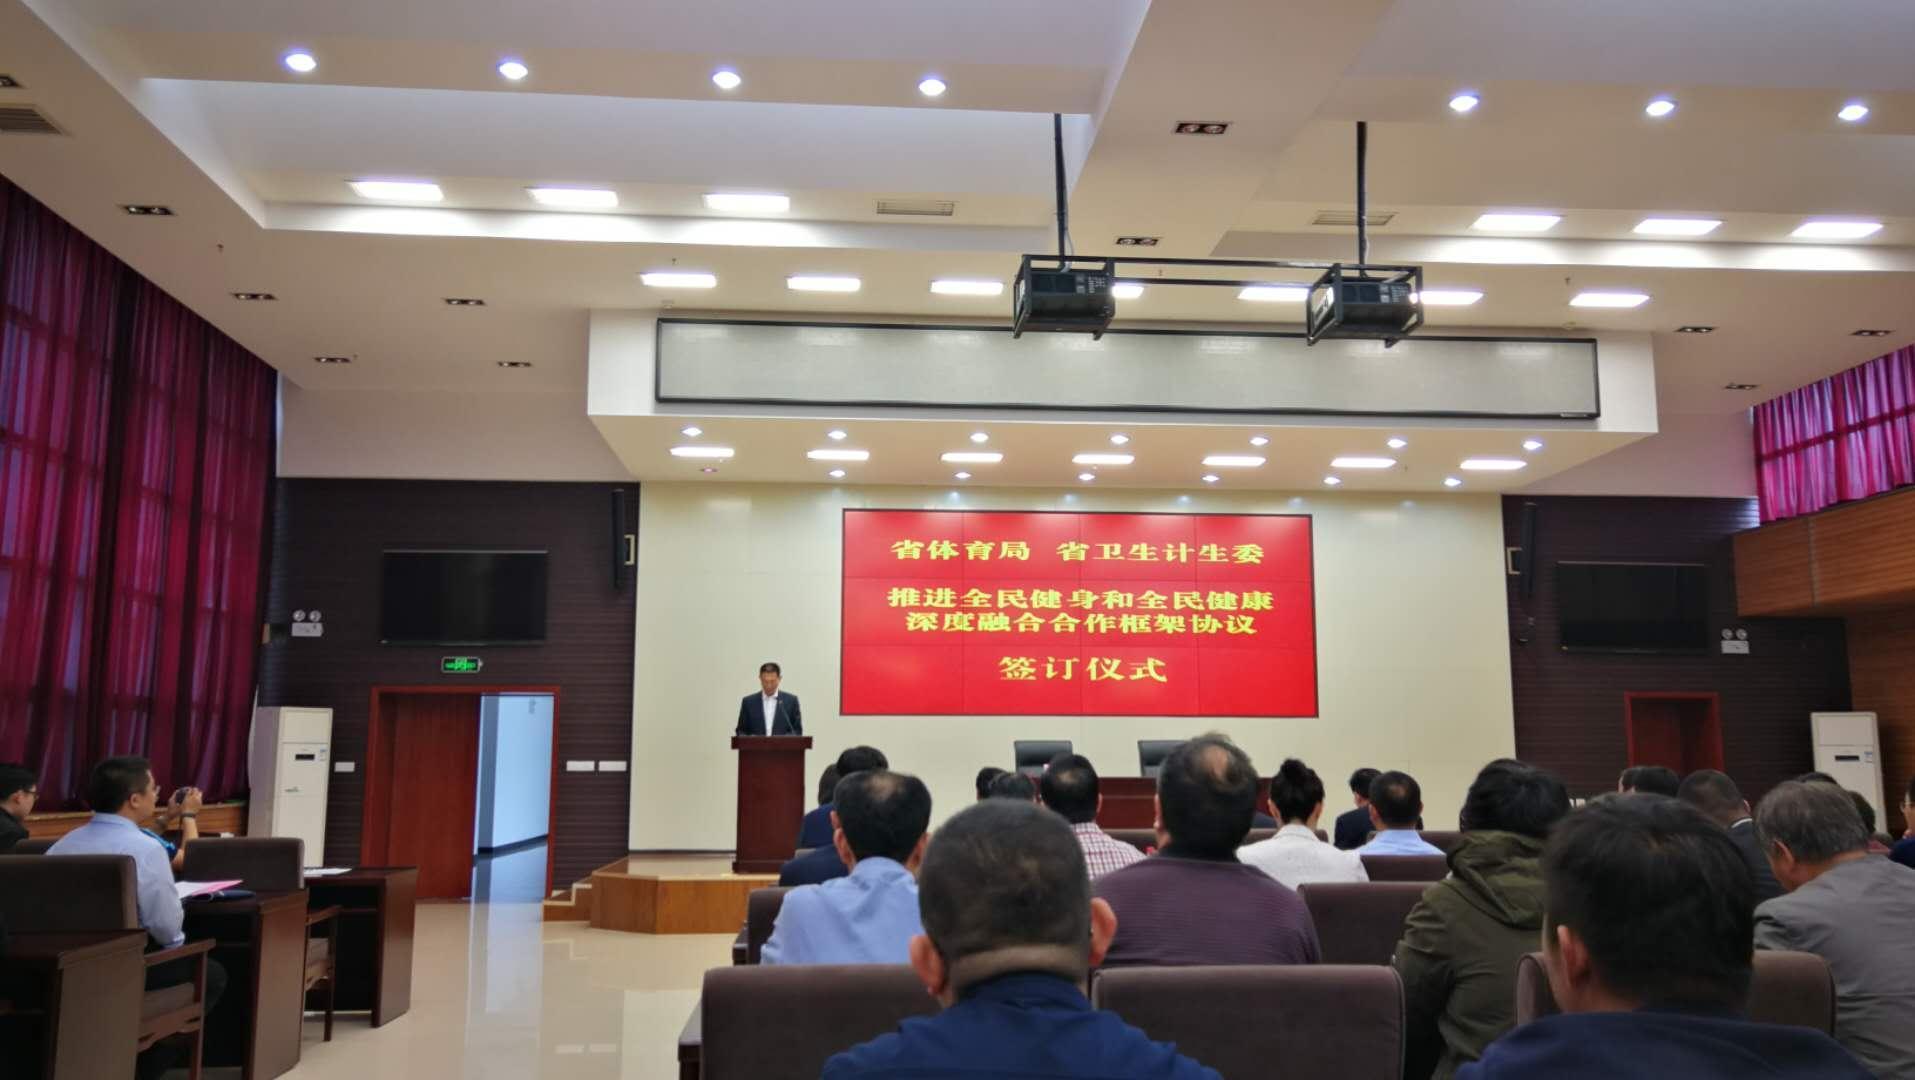 到2020年河北省将打造100个健身与健康融合中